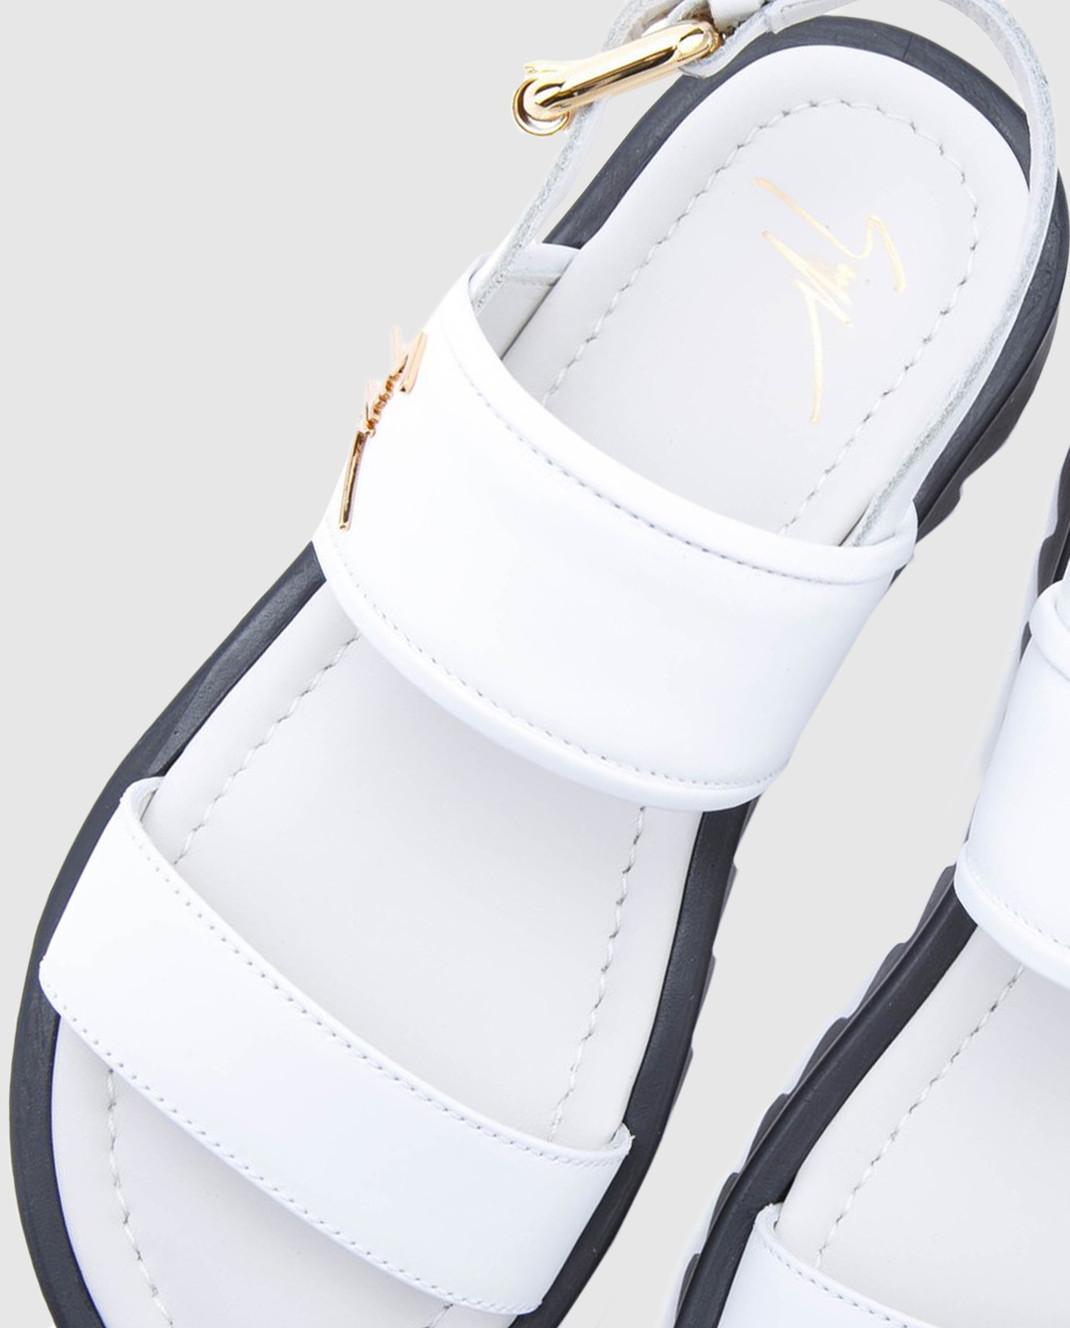 Giuseppe Zanotti Белые кожаные сандалии  SBE8409002 изображение 4